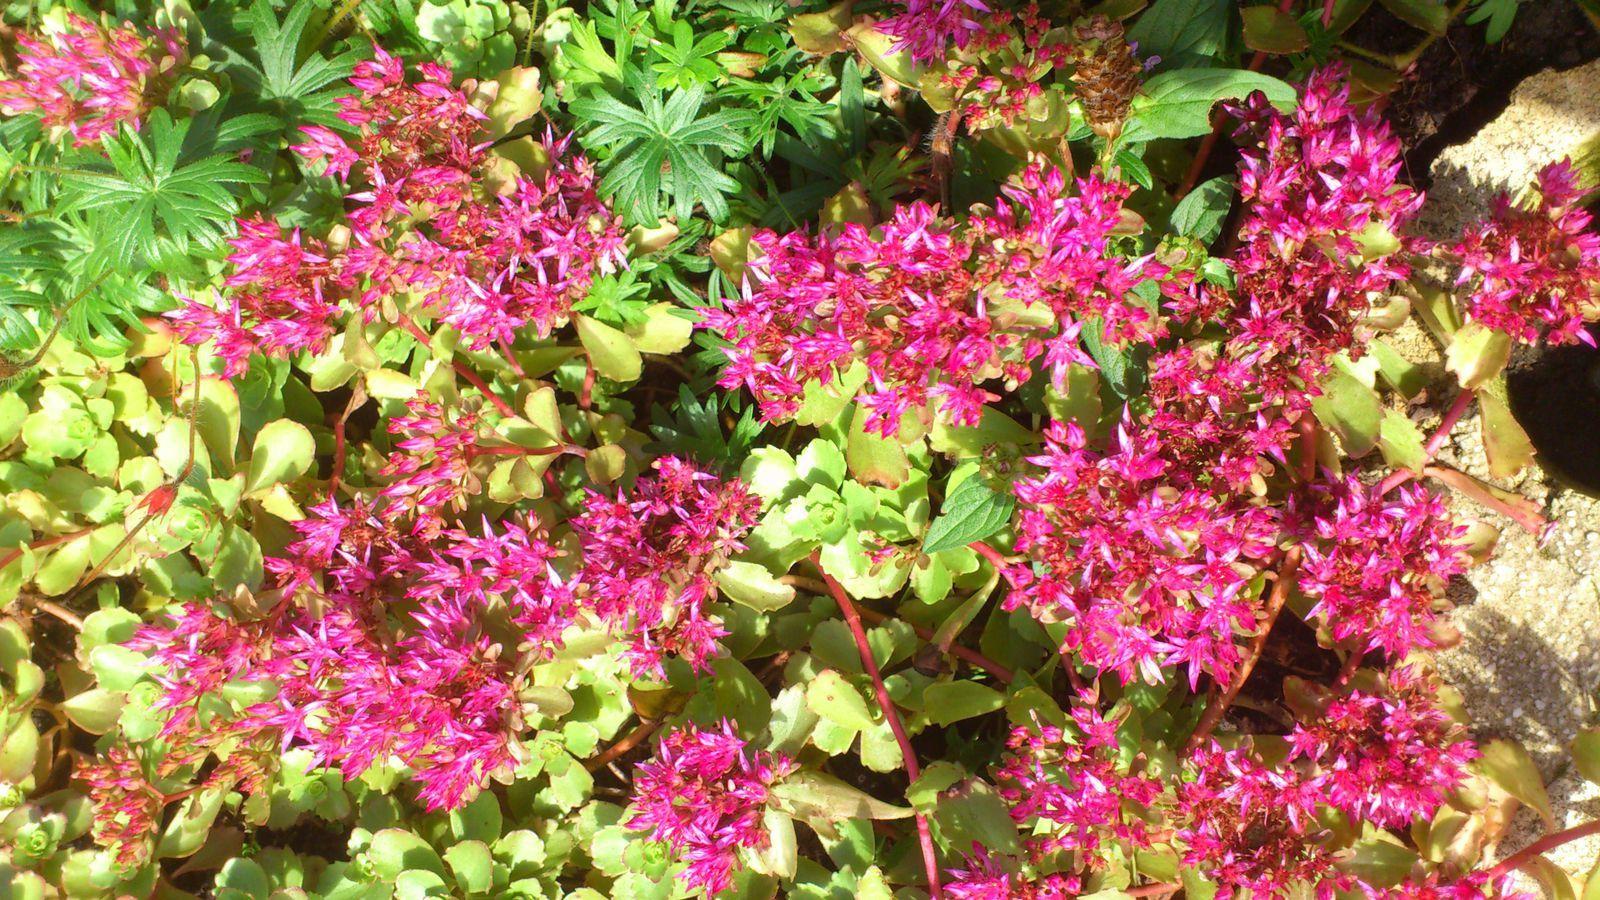 Les groseilles sont prêtes à être récoltées (cette variété est rose et non rouge), le tilleul lui a déjà bien séché.